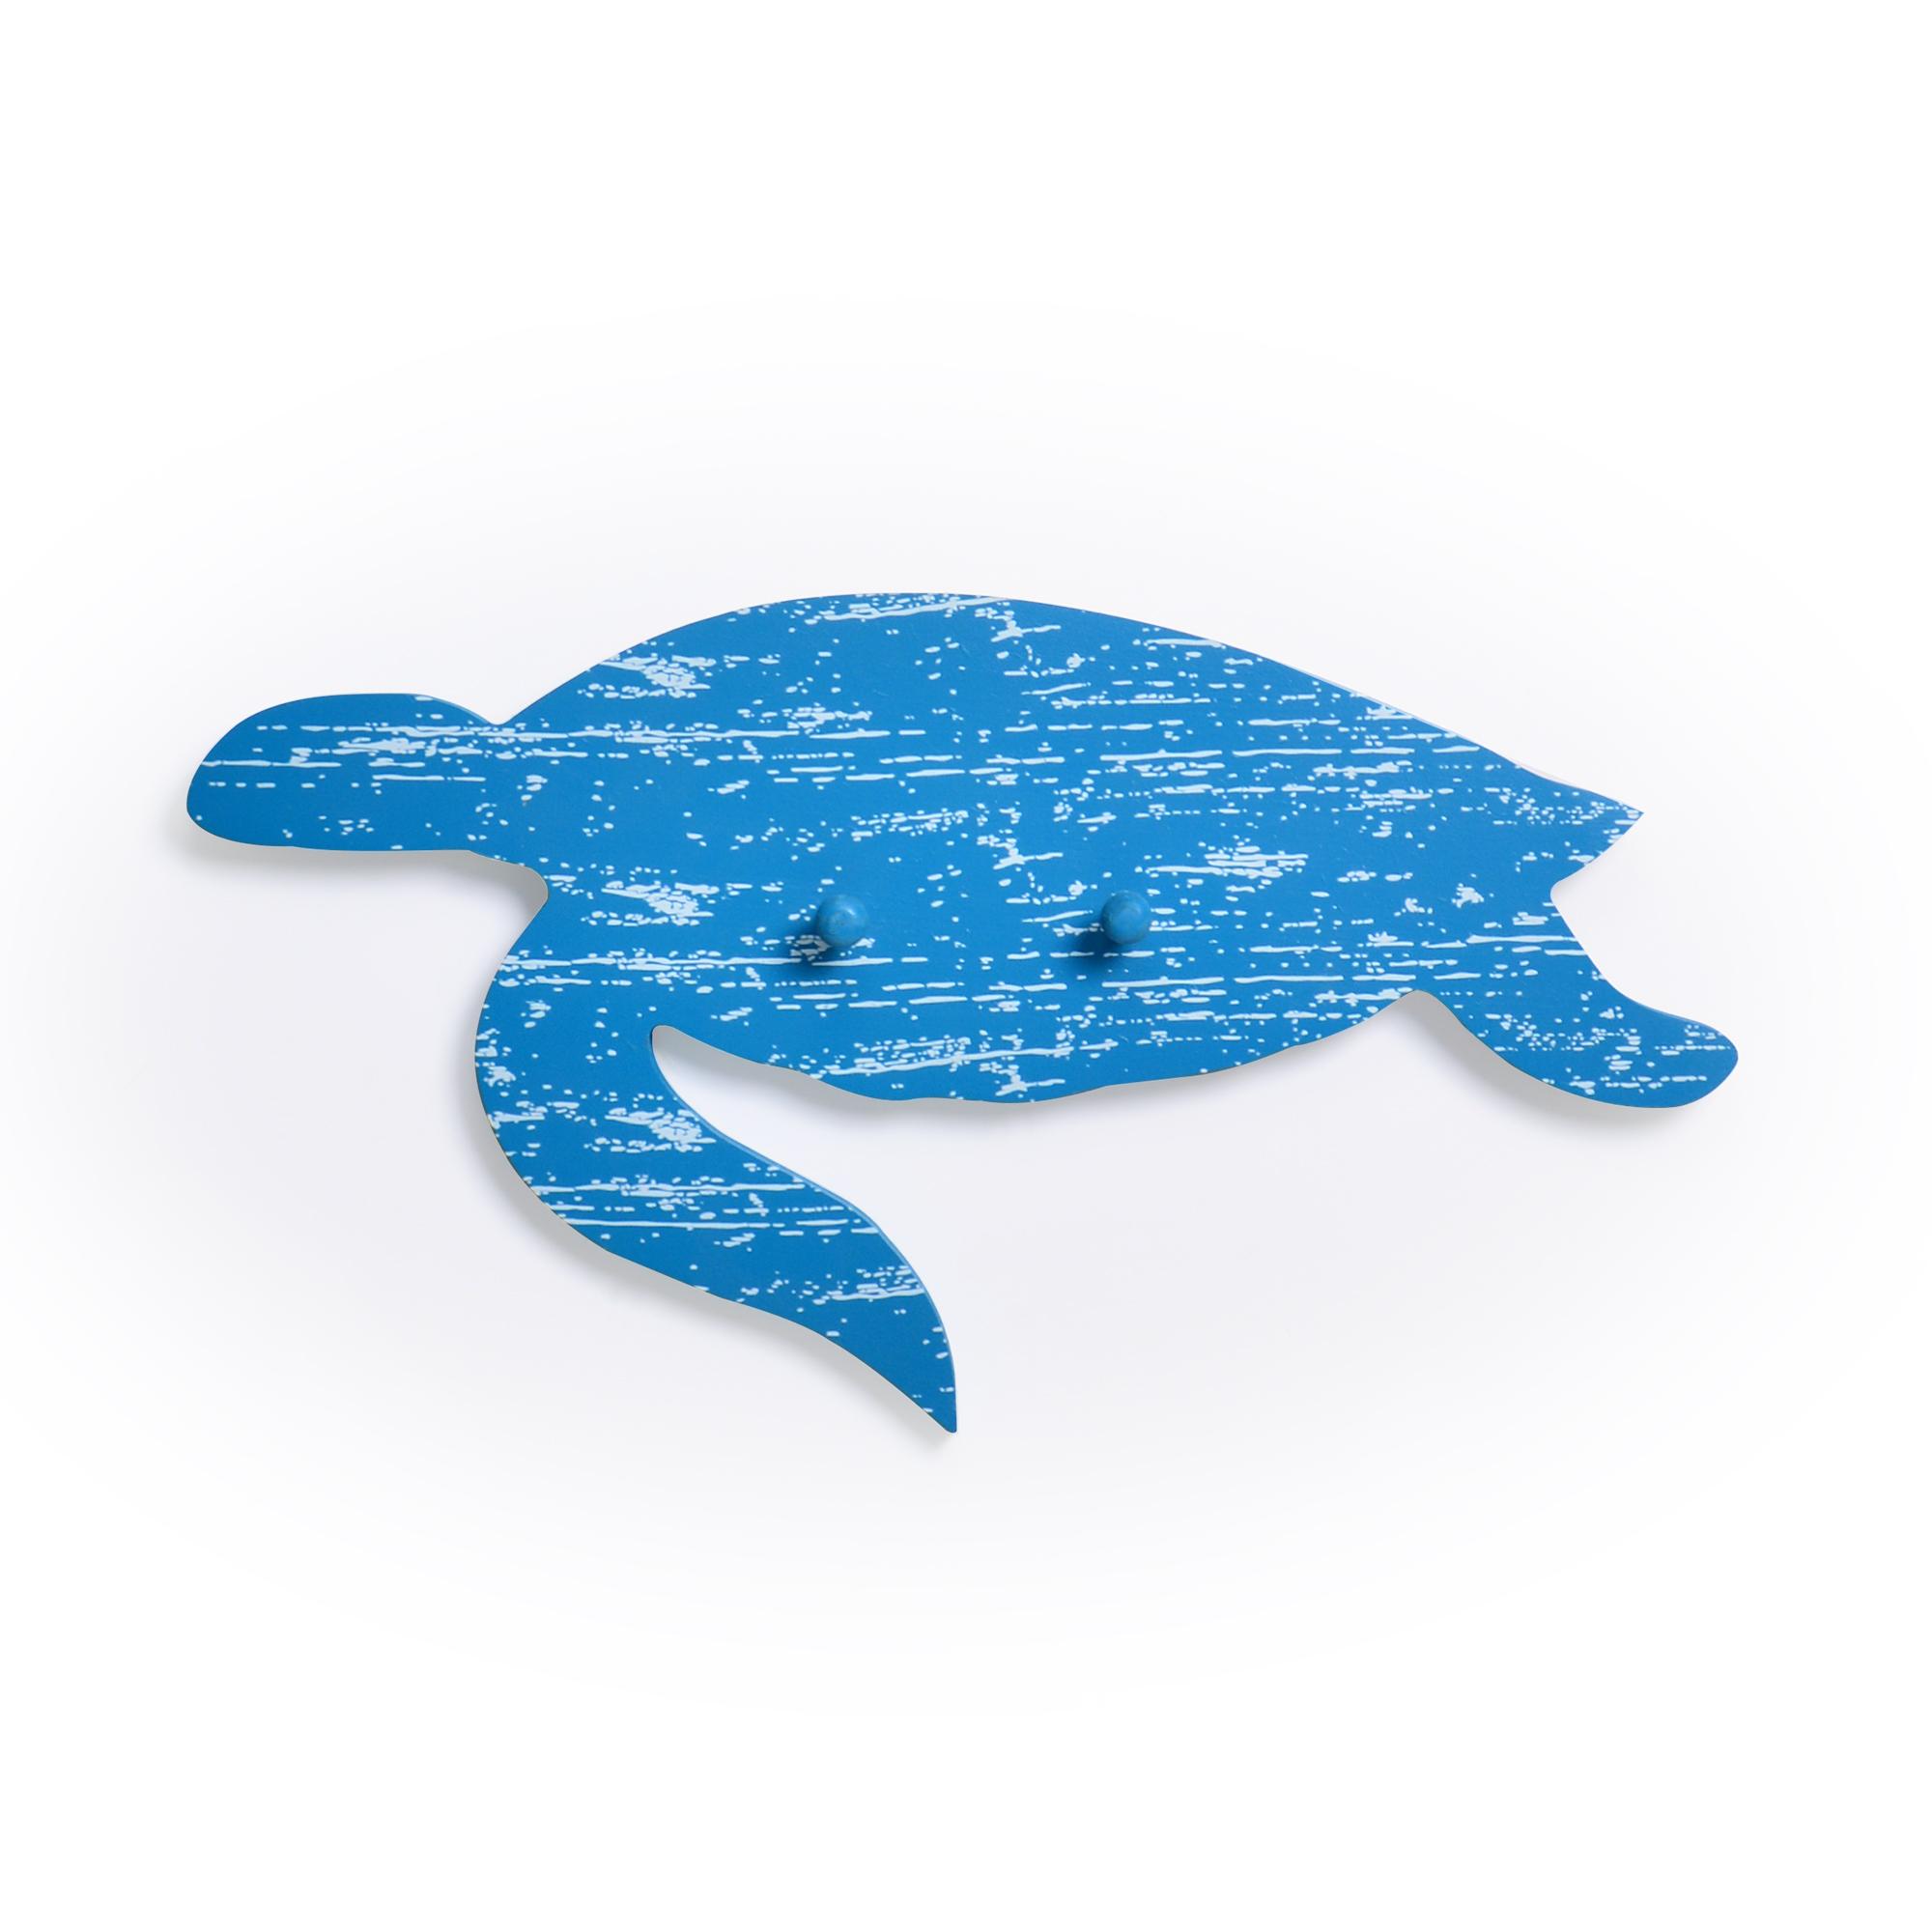 Tartaruga decorativa com gancho Azul